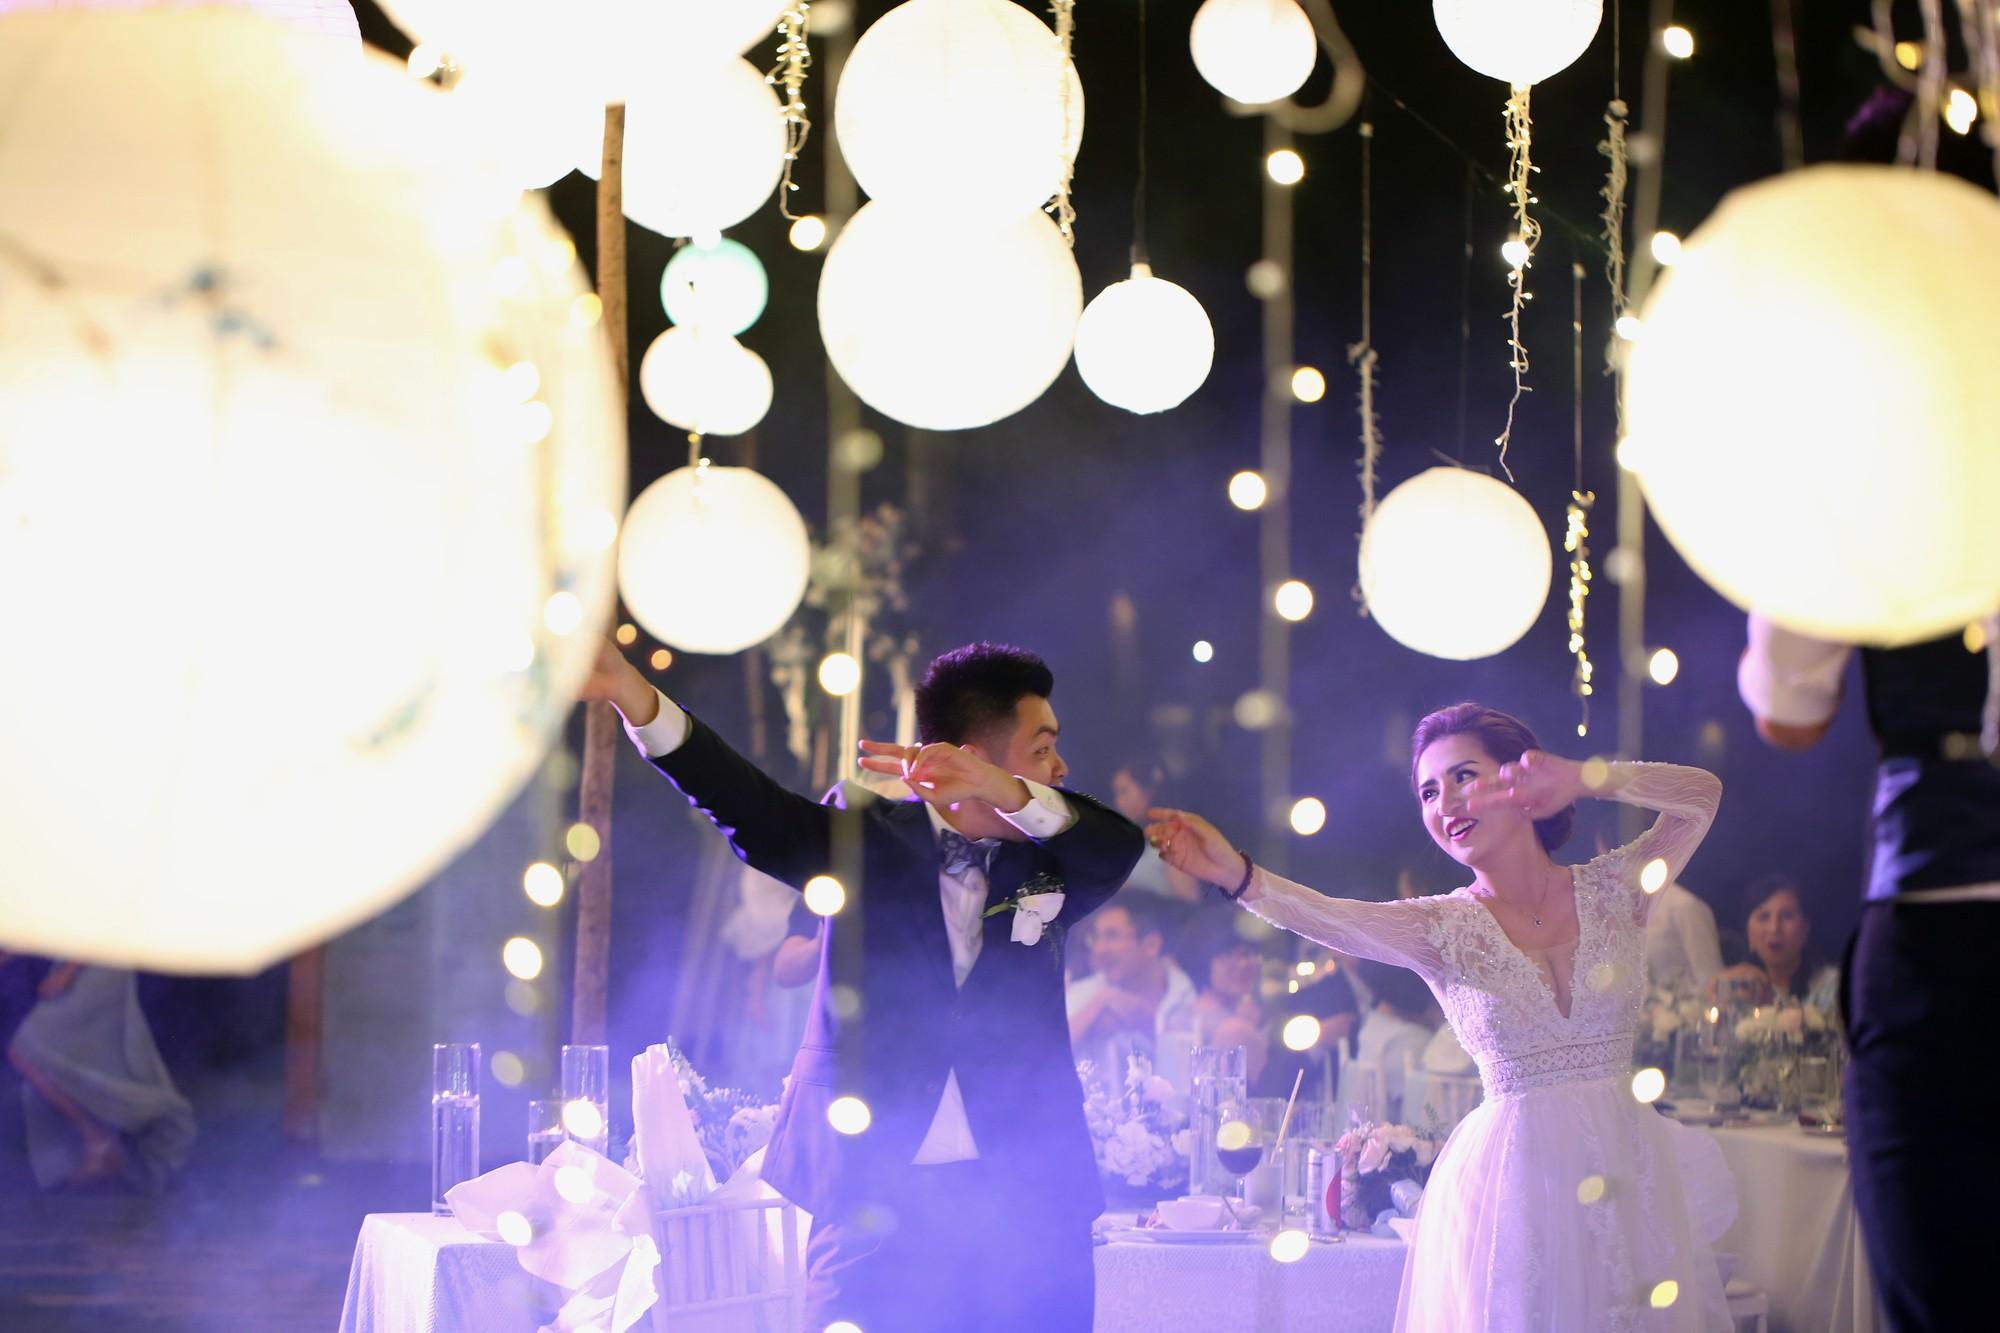 """Cùng xem MV cưới """"one shot"""" đầu tiên tại Việt Nam, chỉ quay trong đúng một lần bấm máy mà vẫn lung linh như mơ - Ảnh 3."""